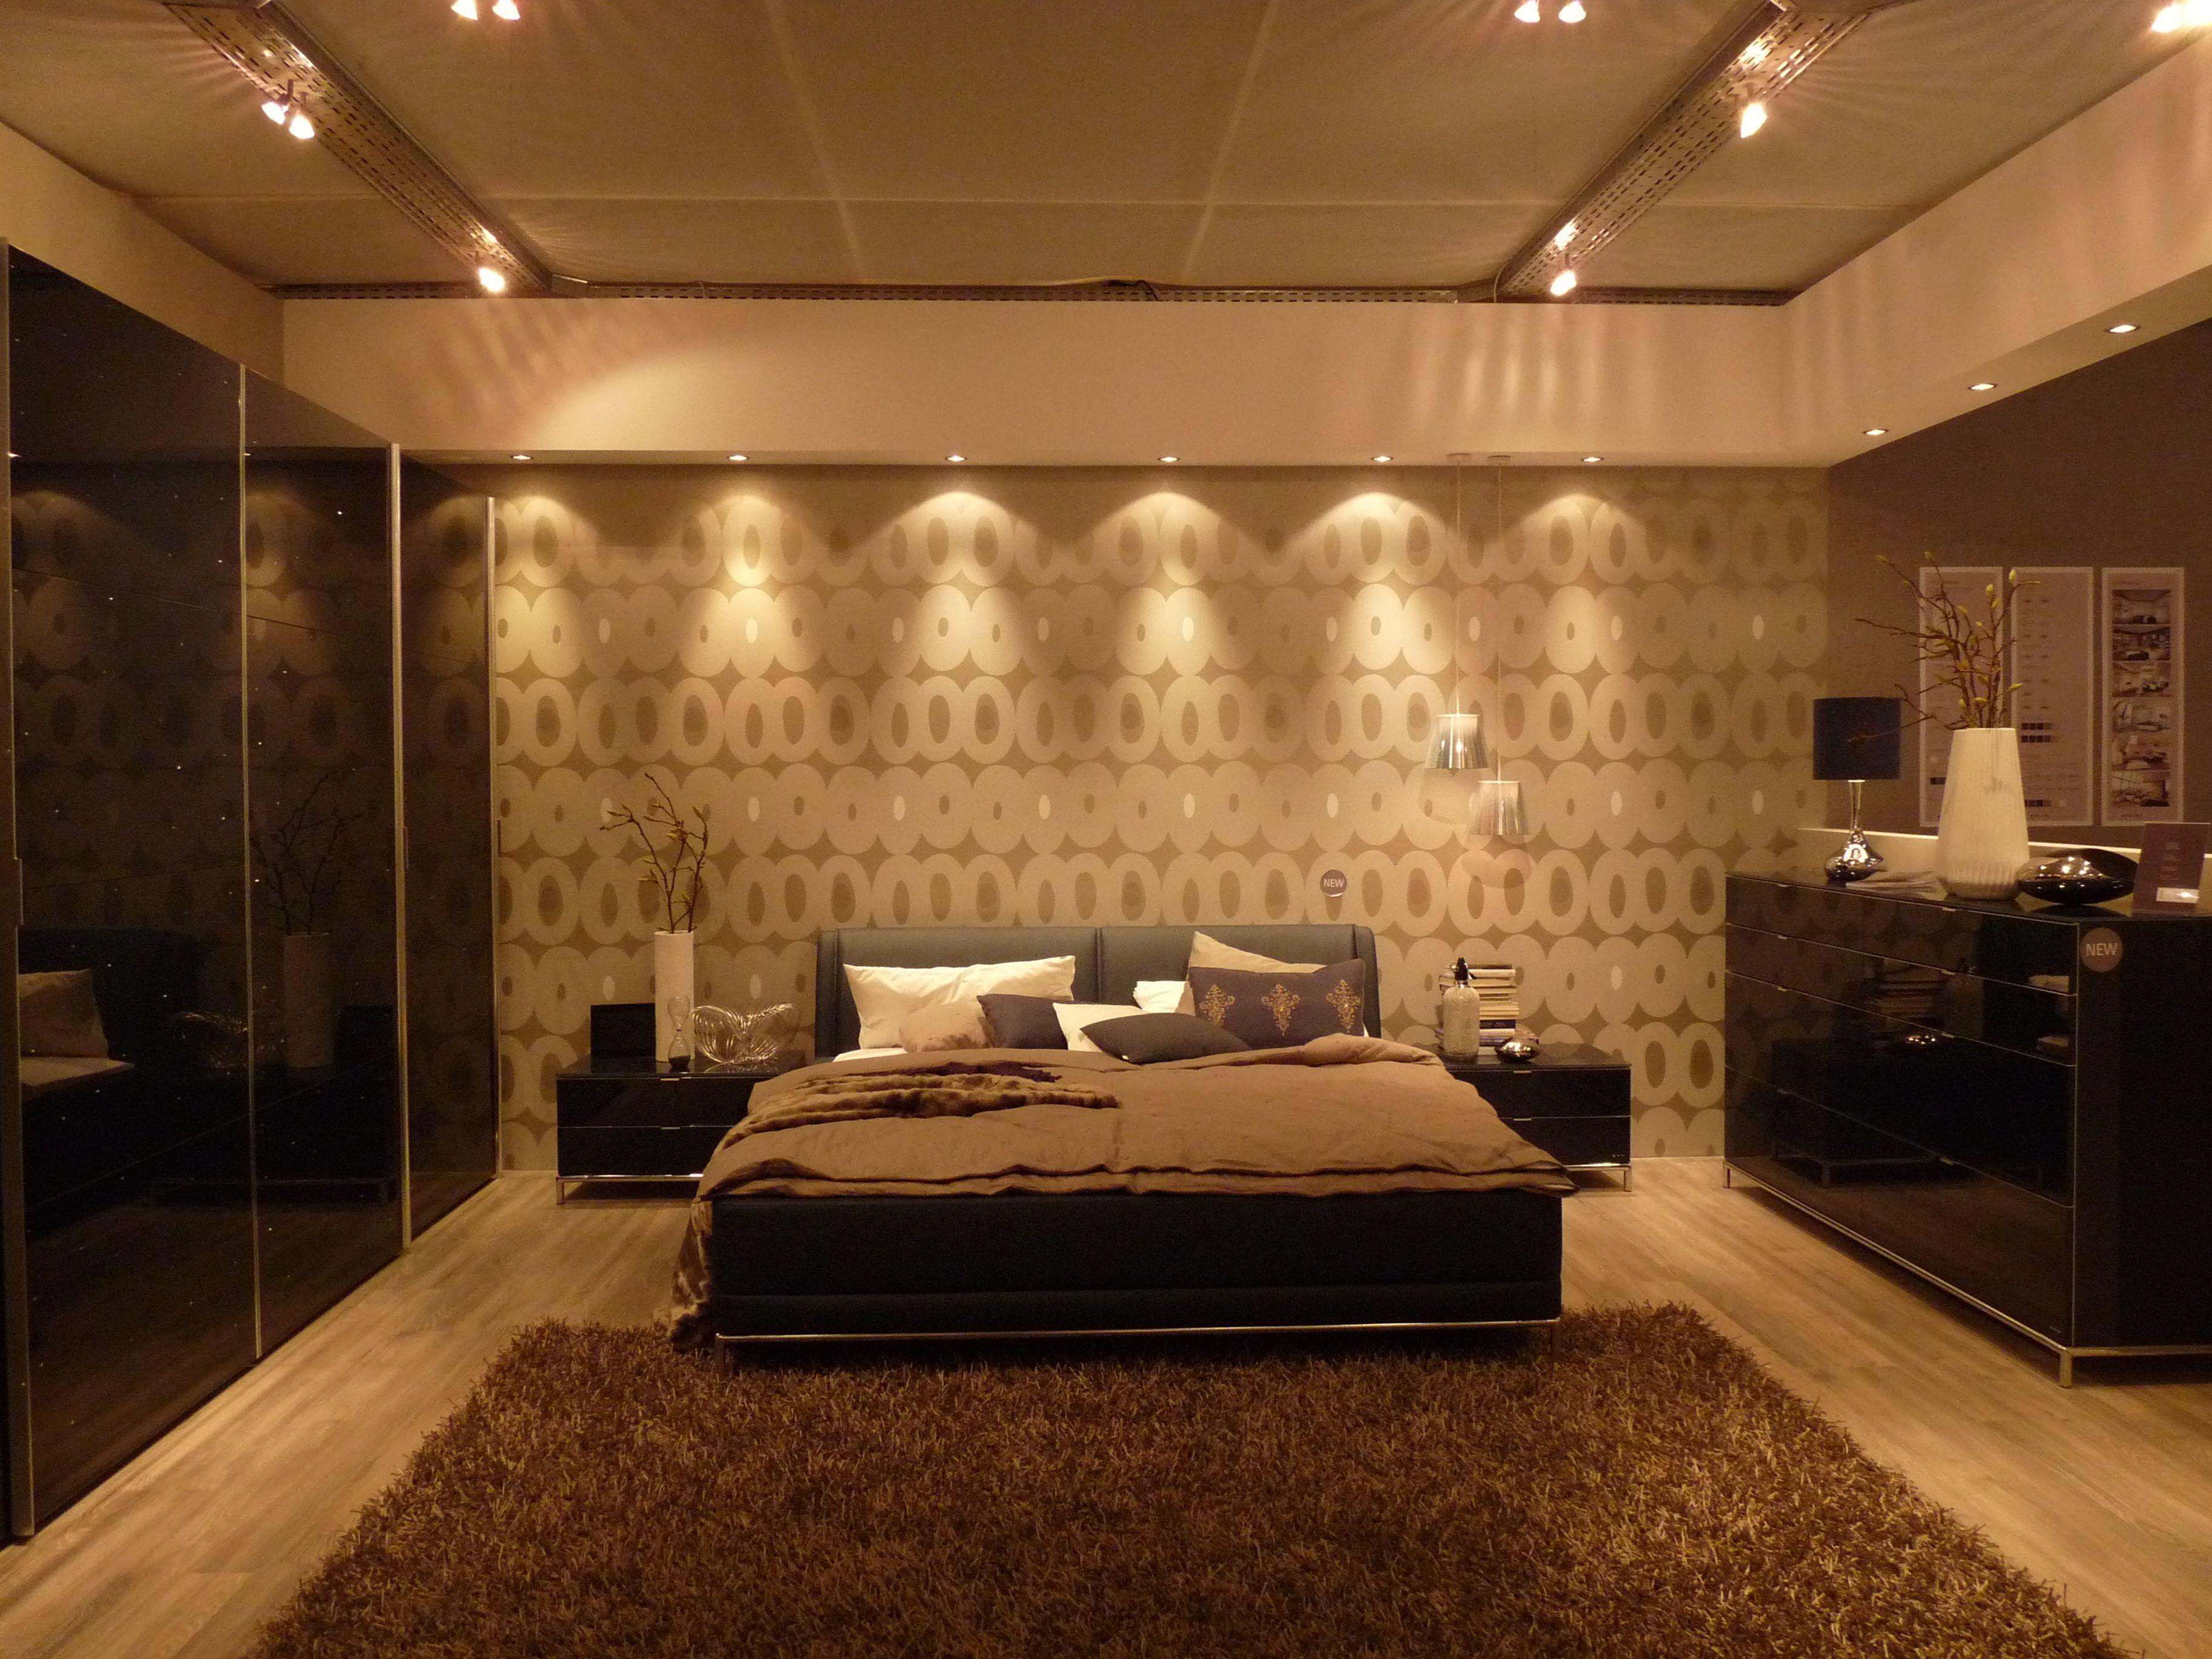 Sternenhimmel Schlafzimmer ~ Schlafzimmer dunkelblaue hochglanzfronten mit funkelnden